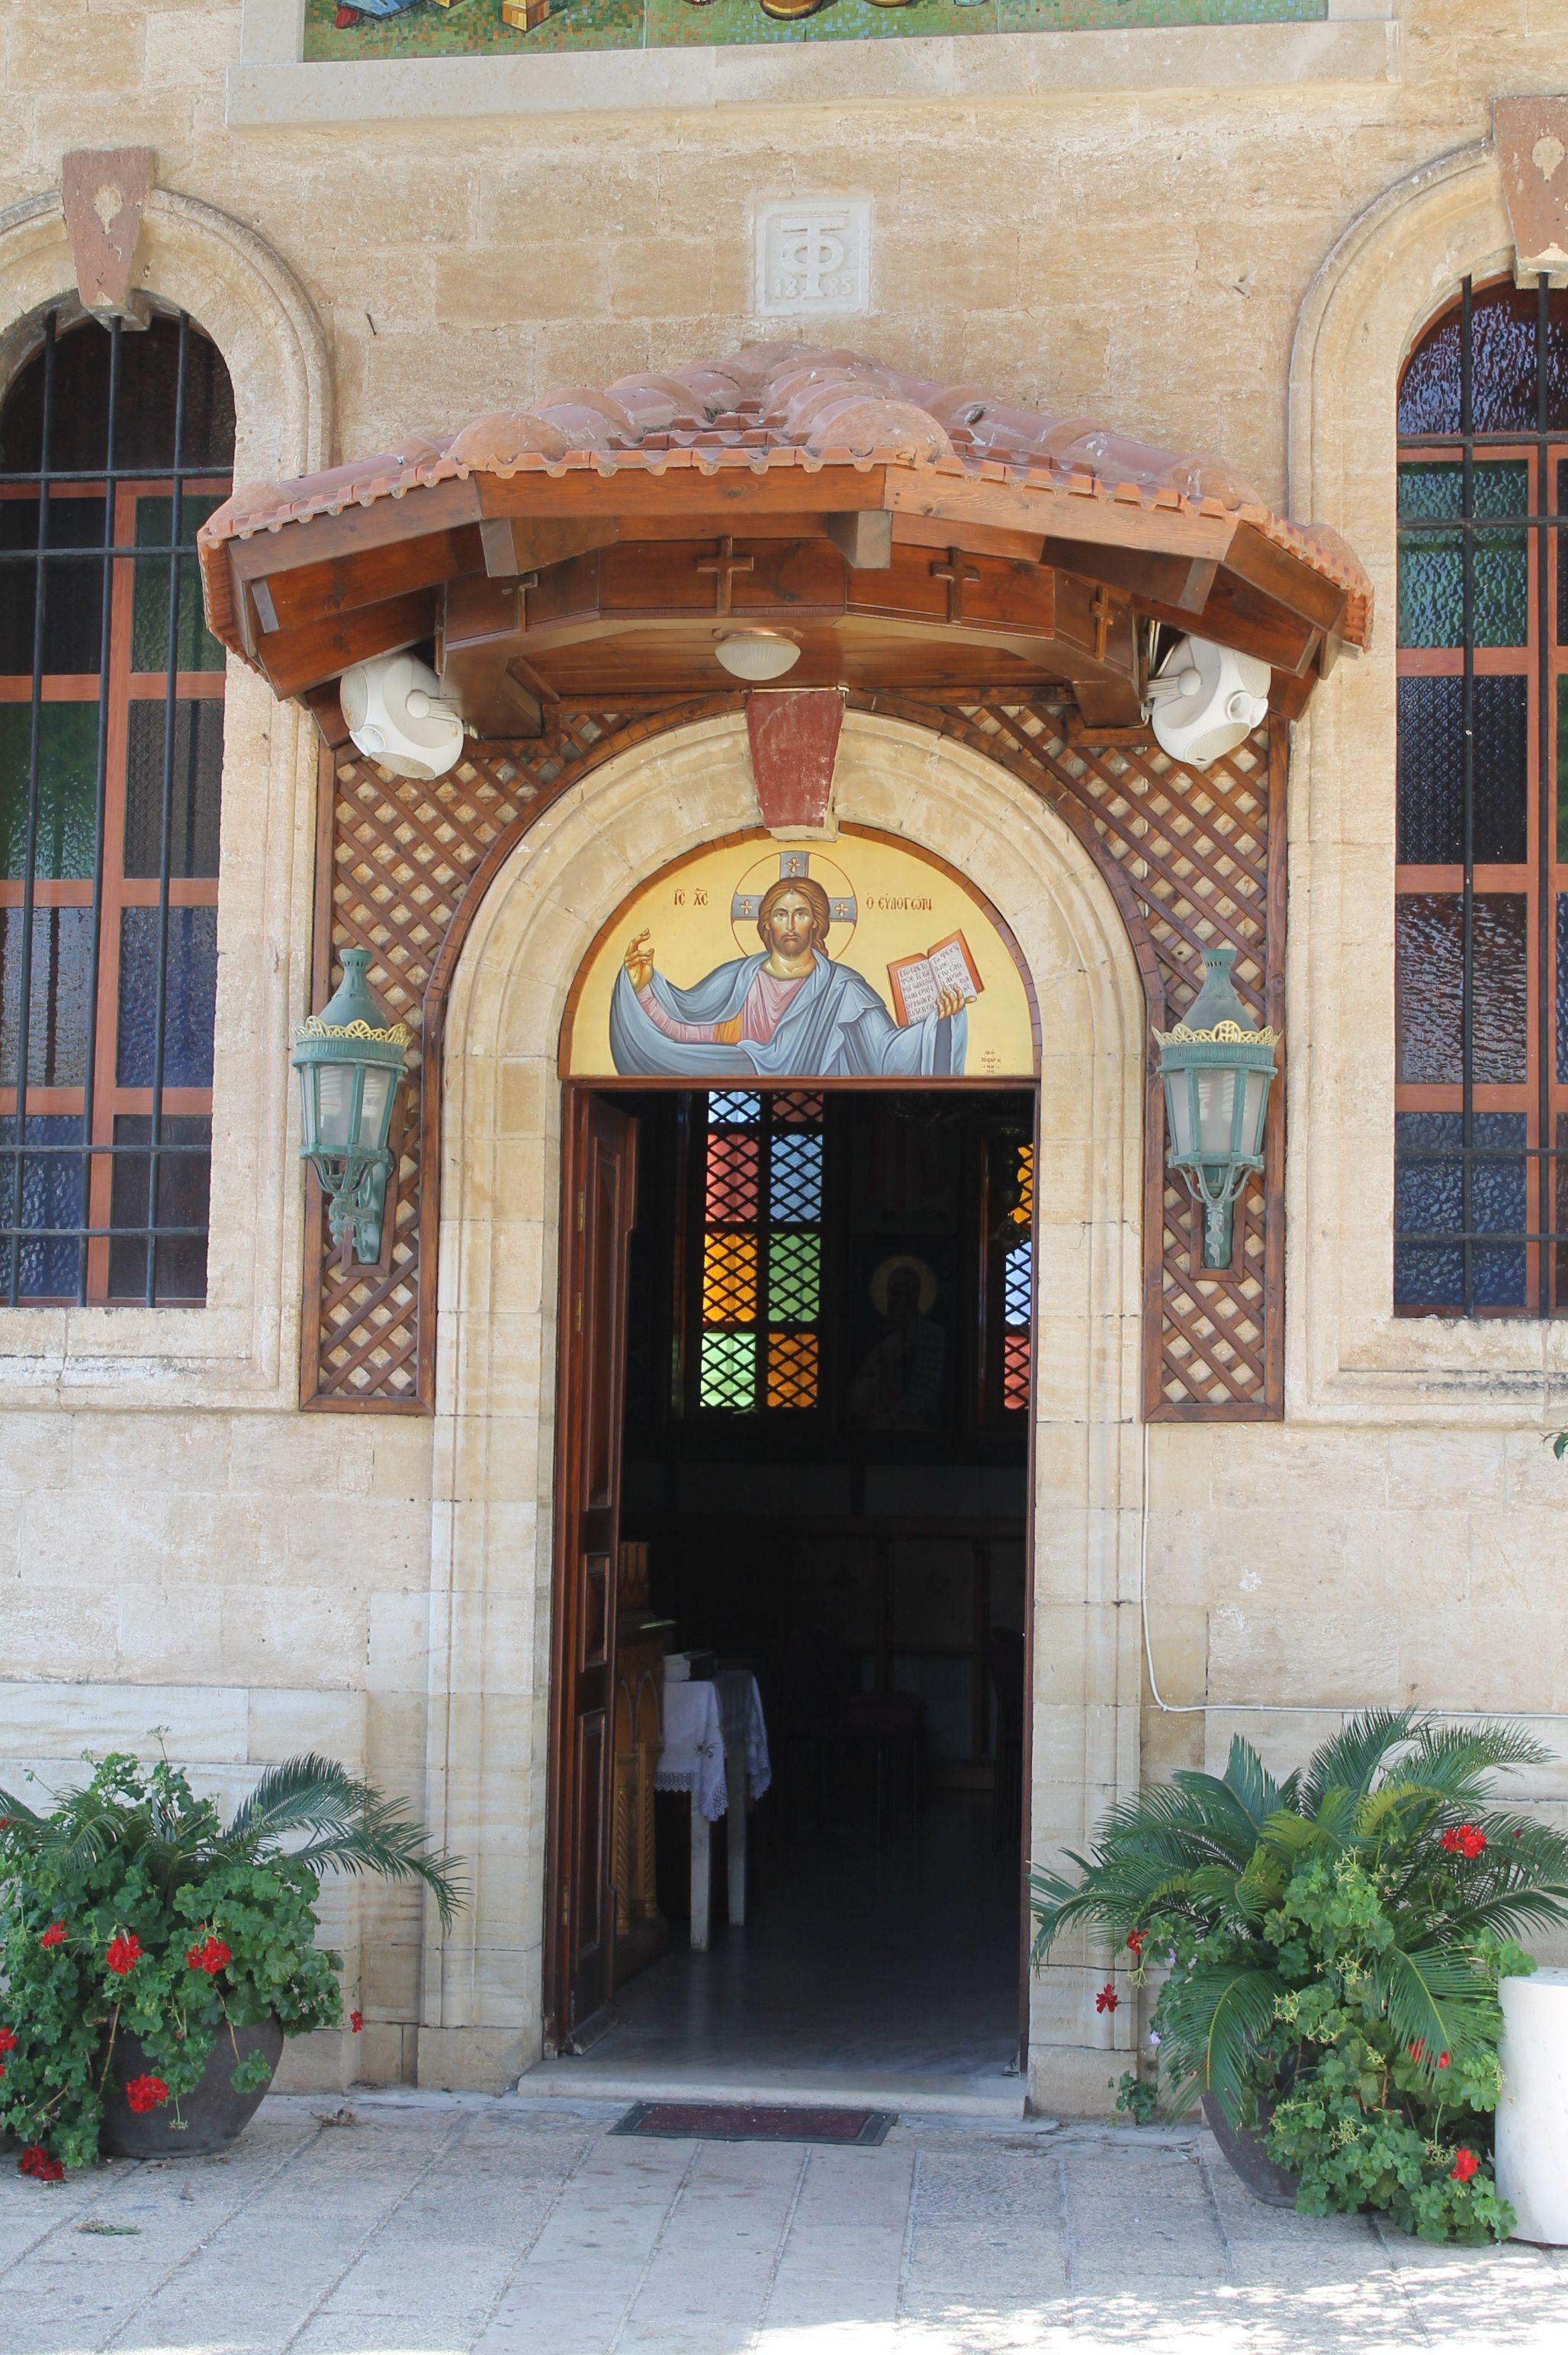 Puerta de entrada al templo ortodoxo en Nazareth.